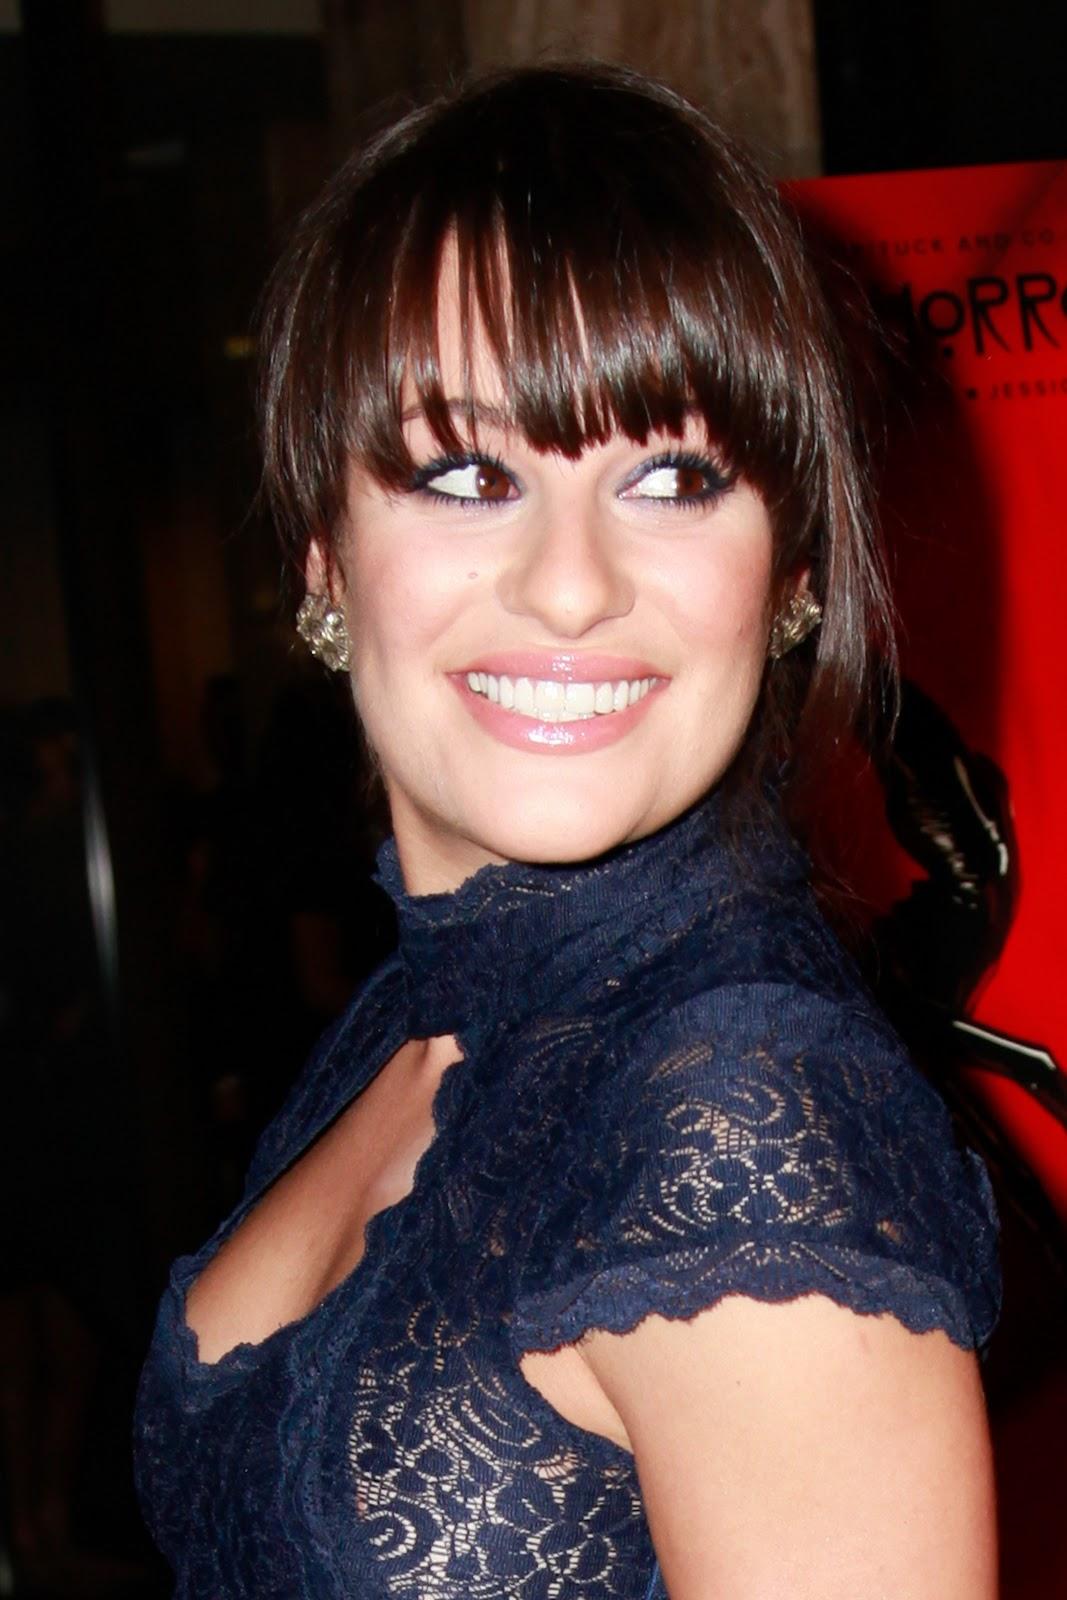 http://2.bp.blogspot.com/-DcV9fOJDrss/TpA0MbeGO0I/AAAAAAAACgM/fJeG3o0SY-E/s1600/Lea+Michele+beautiful+celebrity+%2824%29.jpg